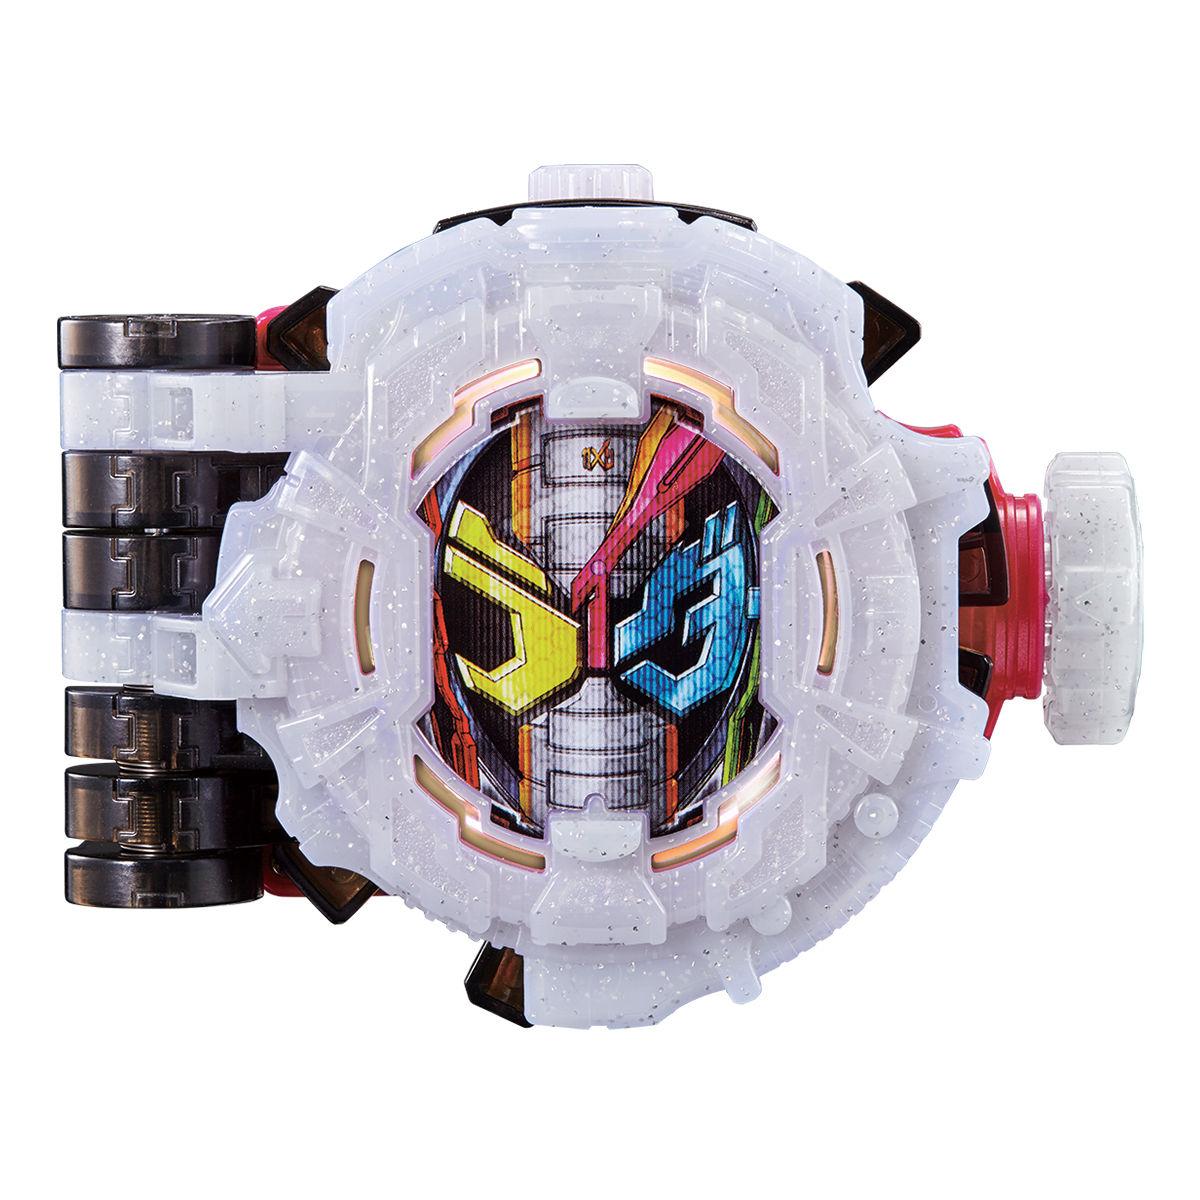 ライドウォッチ『DXジオウトリニティライドウォッチ』仮面ライダージオウ 変身なりきり-001